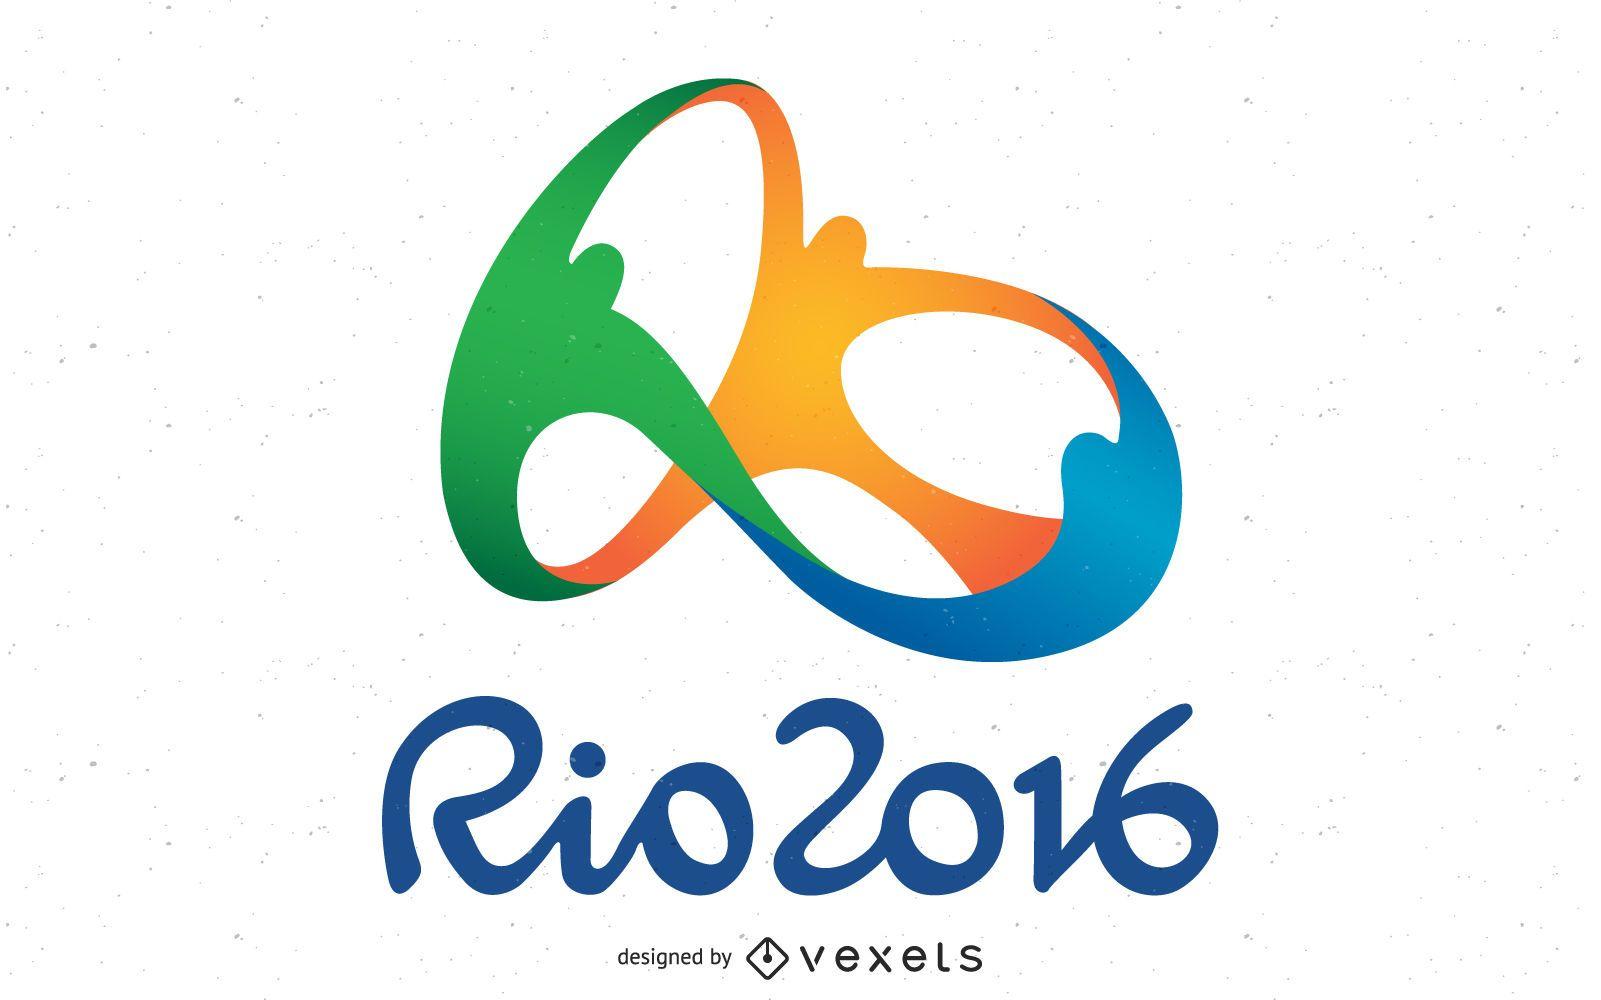 Vetor do logotipo olímpico do Rio 2016